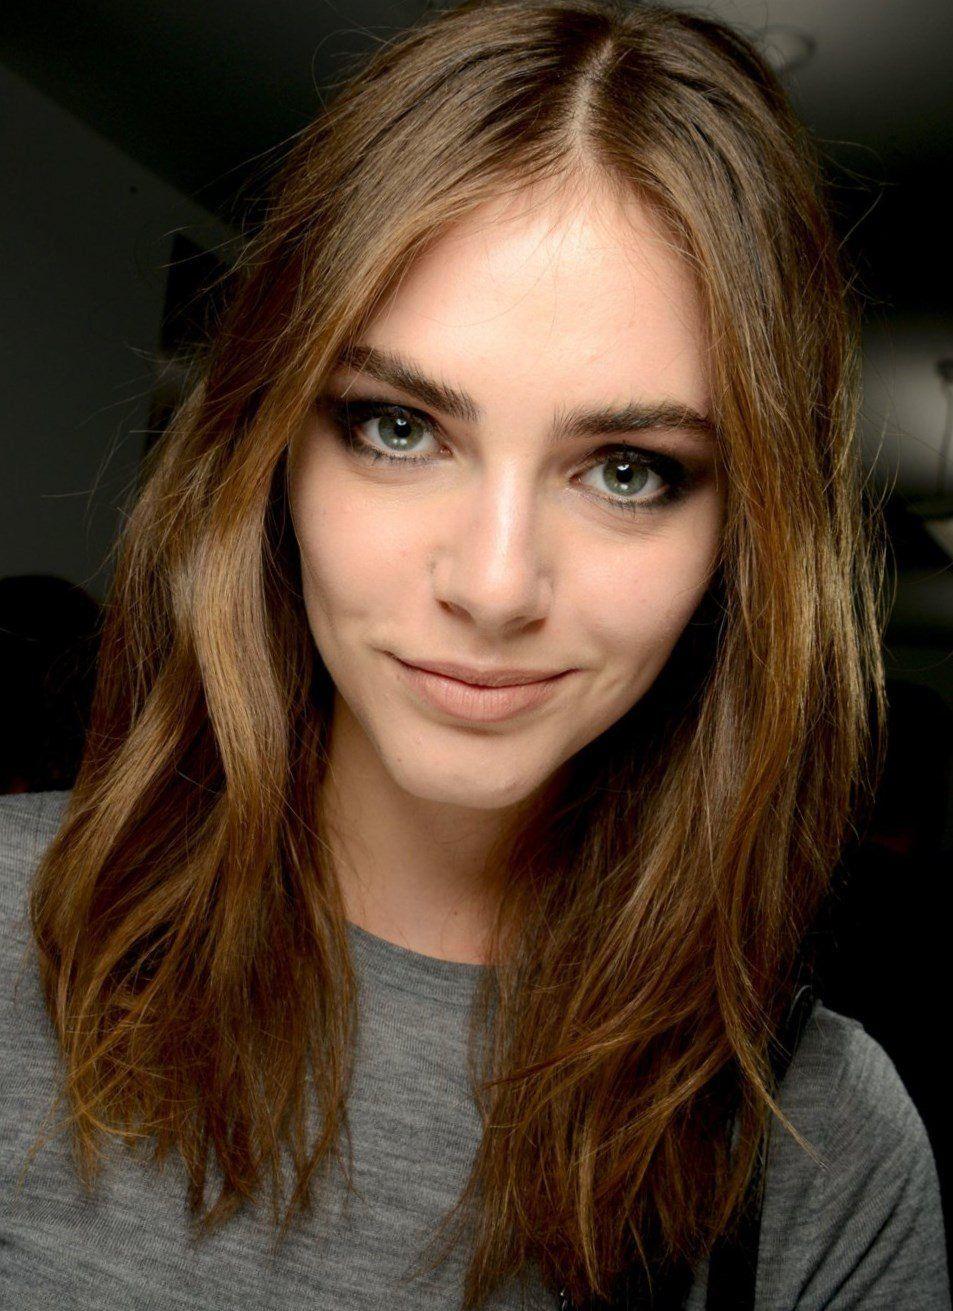 Haarschnitte Für Feines Mittellanges Haar Vanessa Paradis Frisur